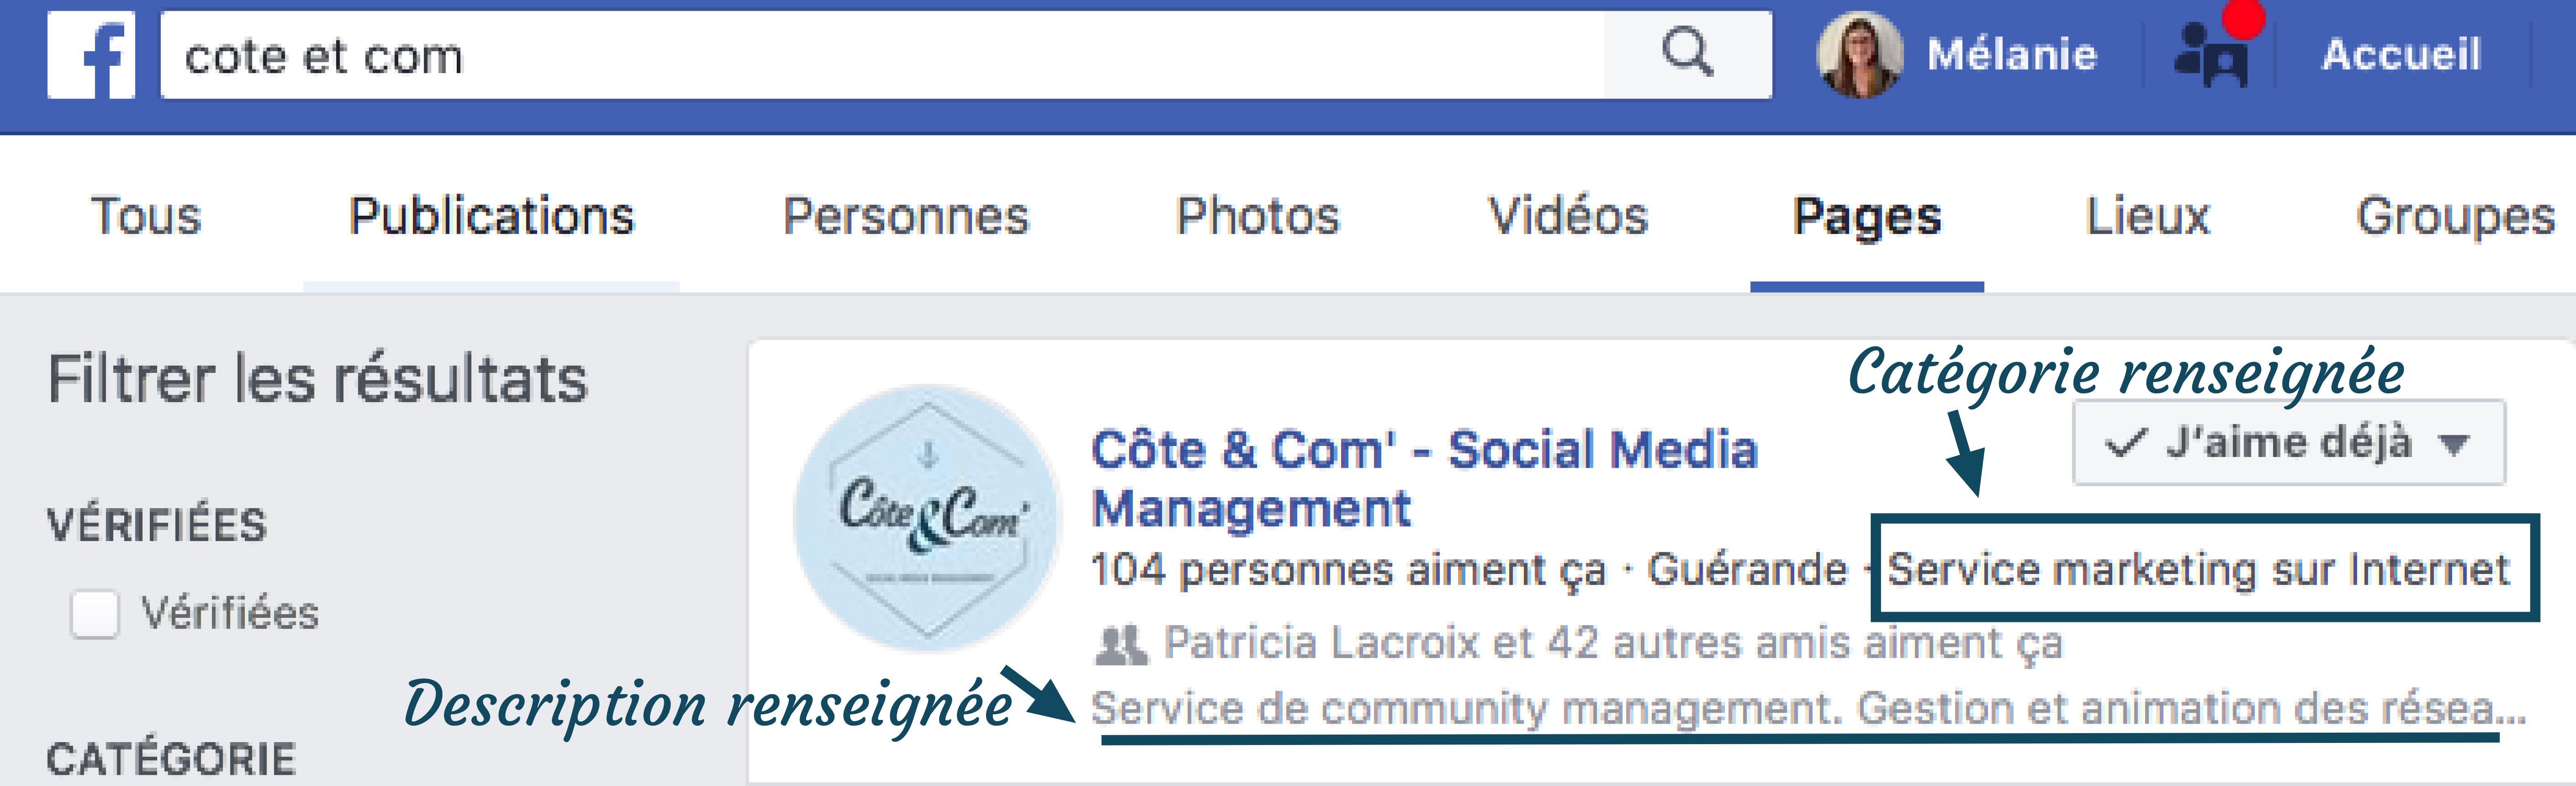 Barre de rechercher Facebook, communication et Community management guérande réseaux sociaux